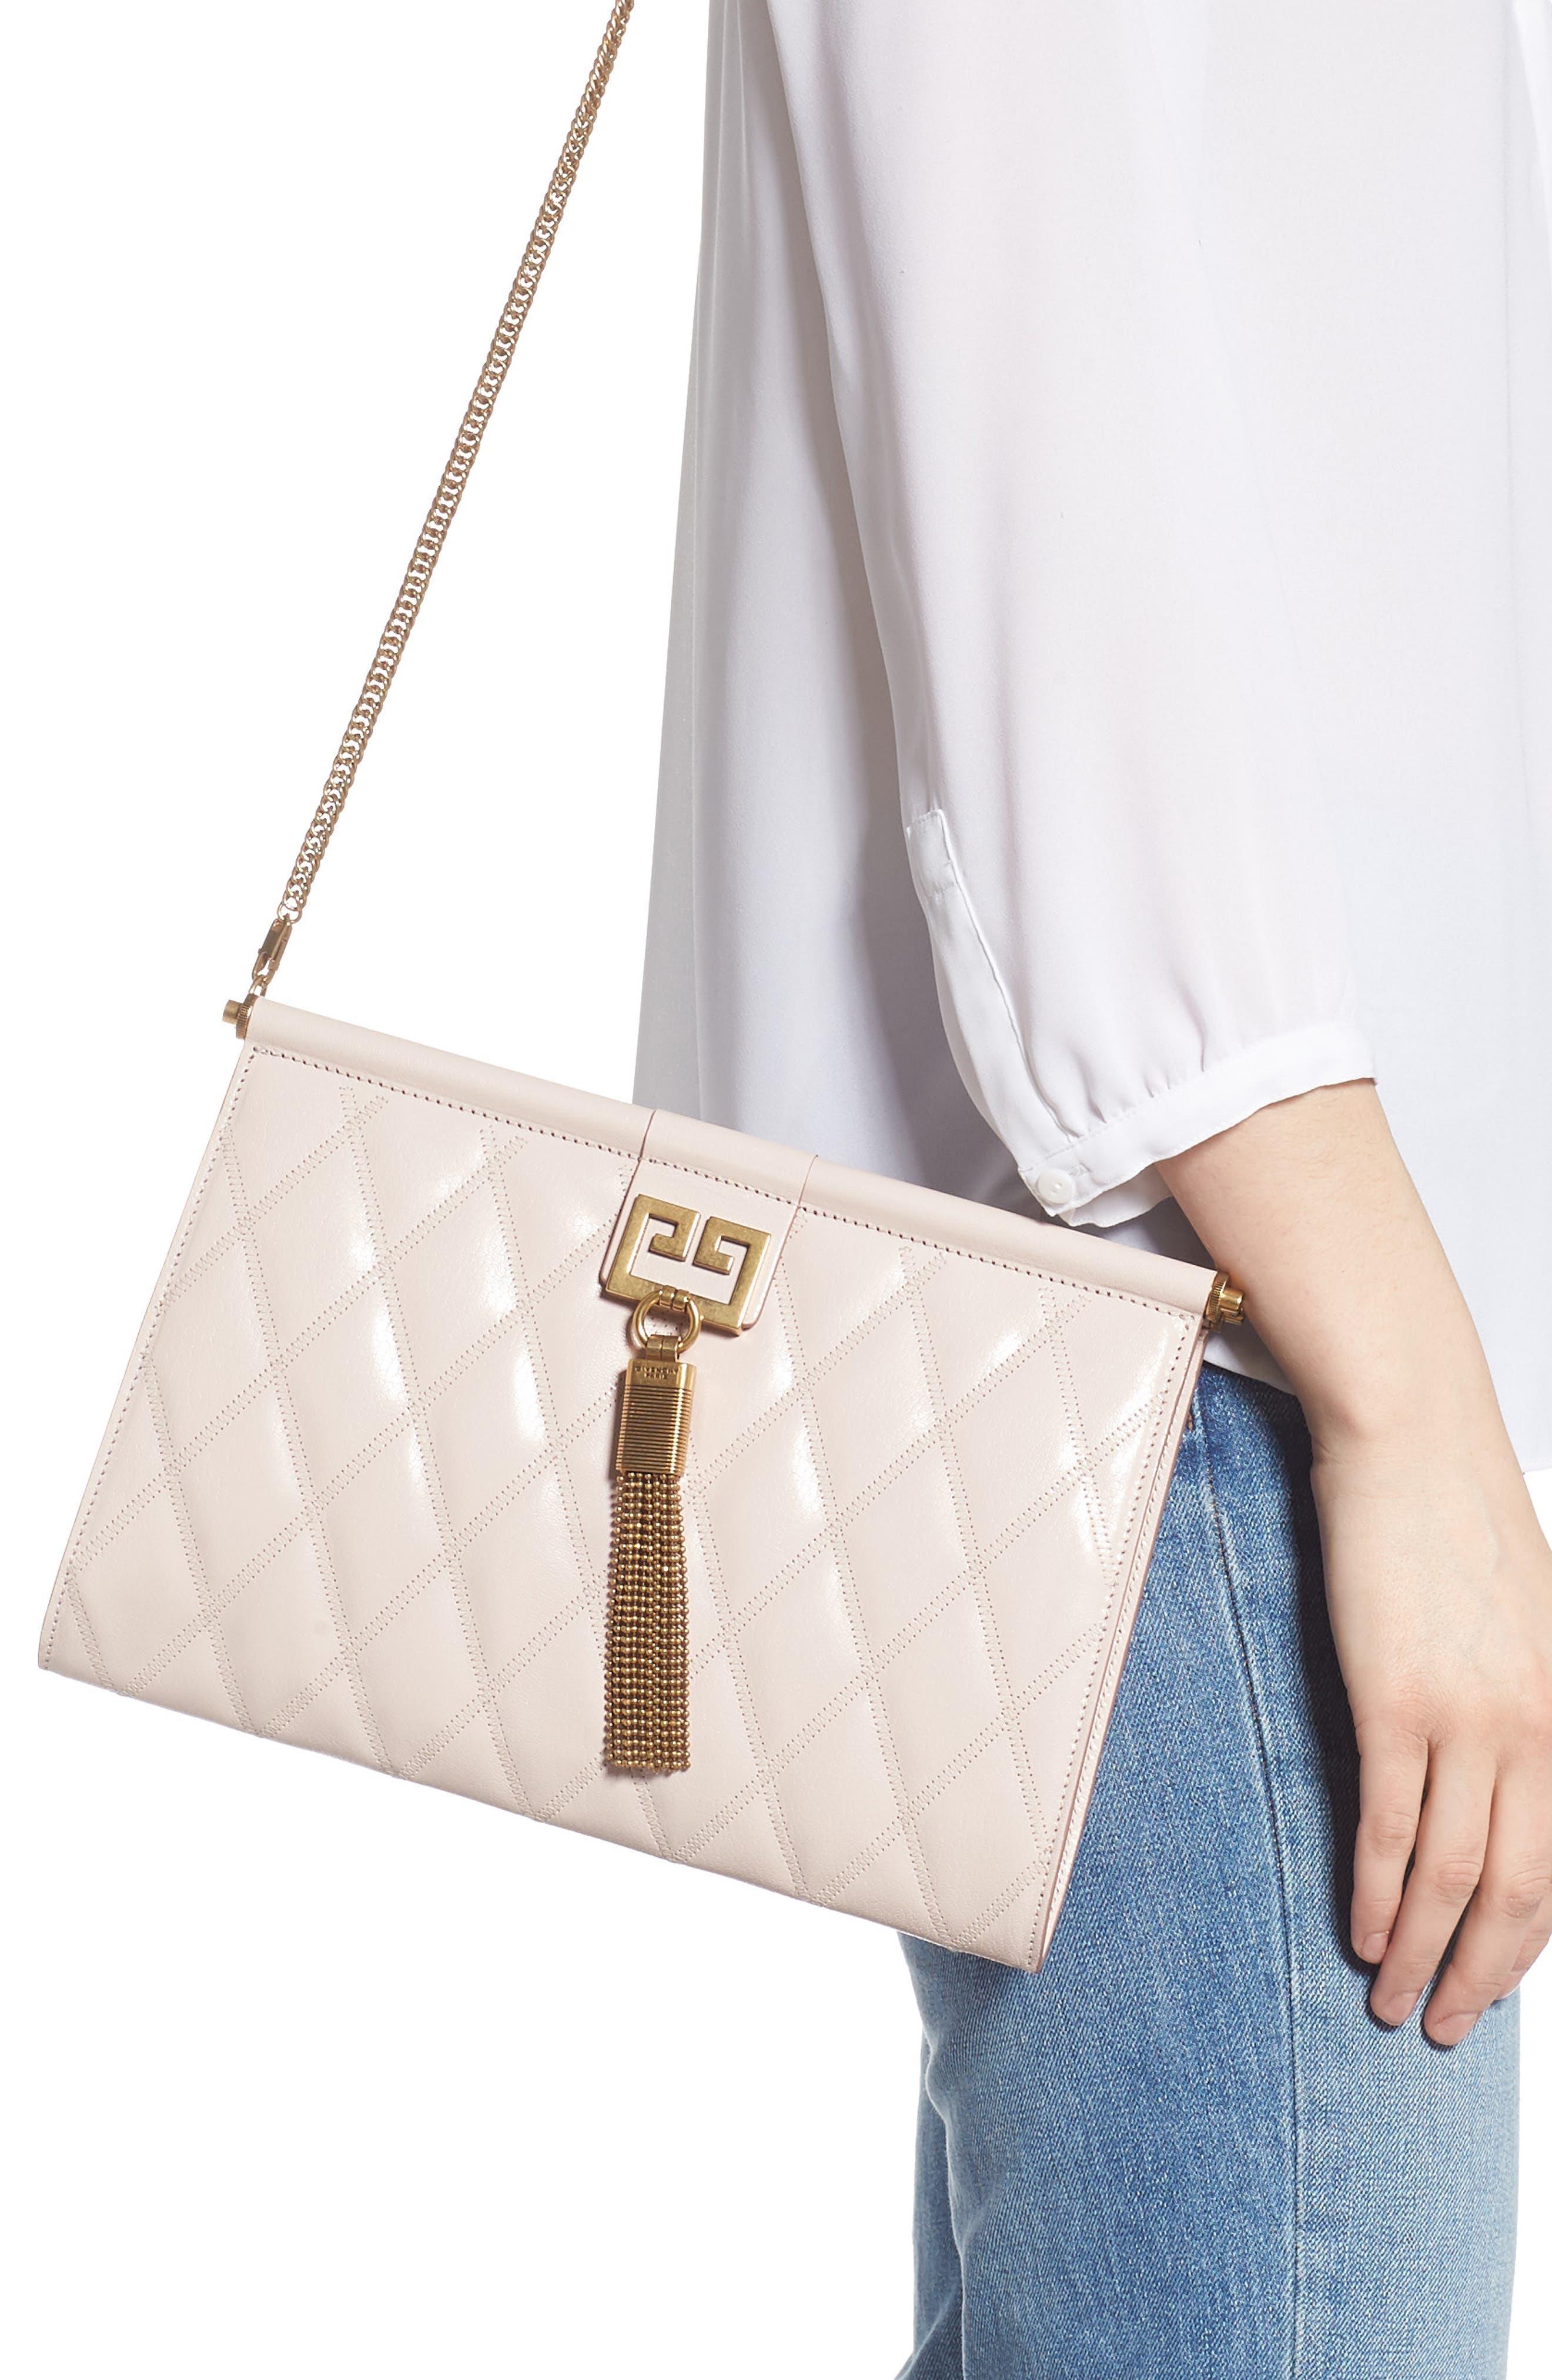 GIVENCHY, Gem Quilted Leather Frame Shoulder Bag, Alternate thumbnail 2, color, PALE PINK